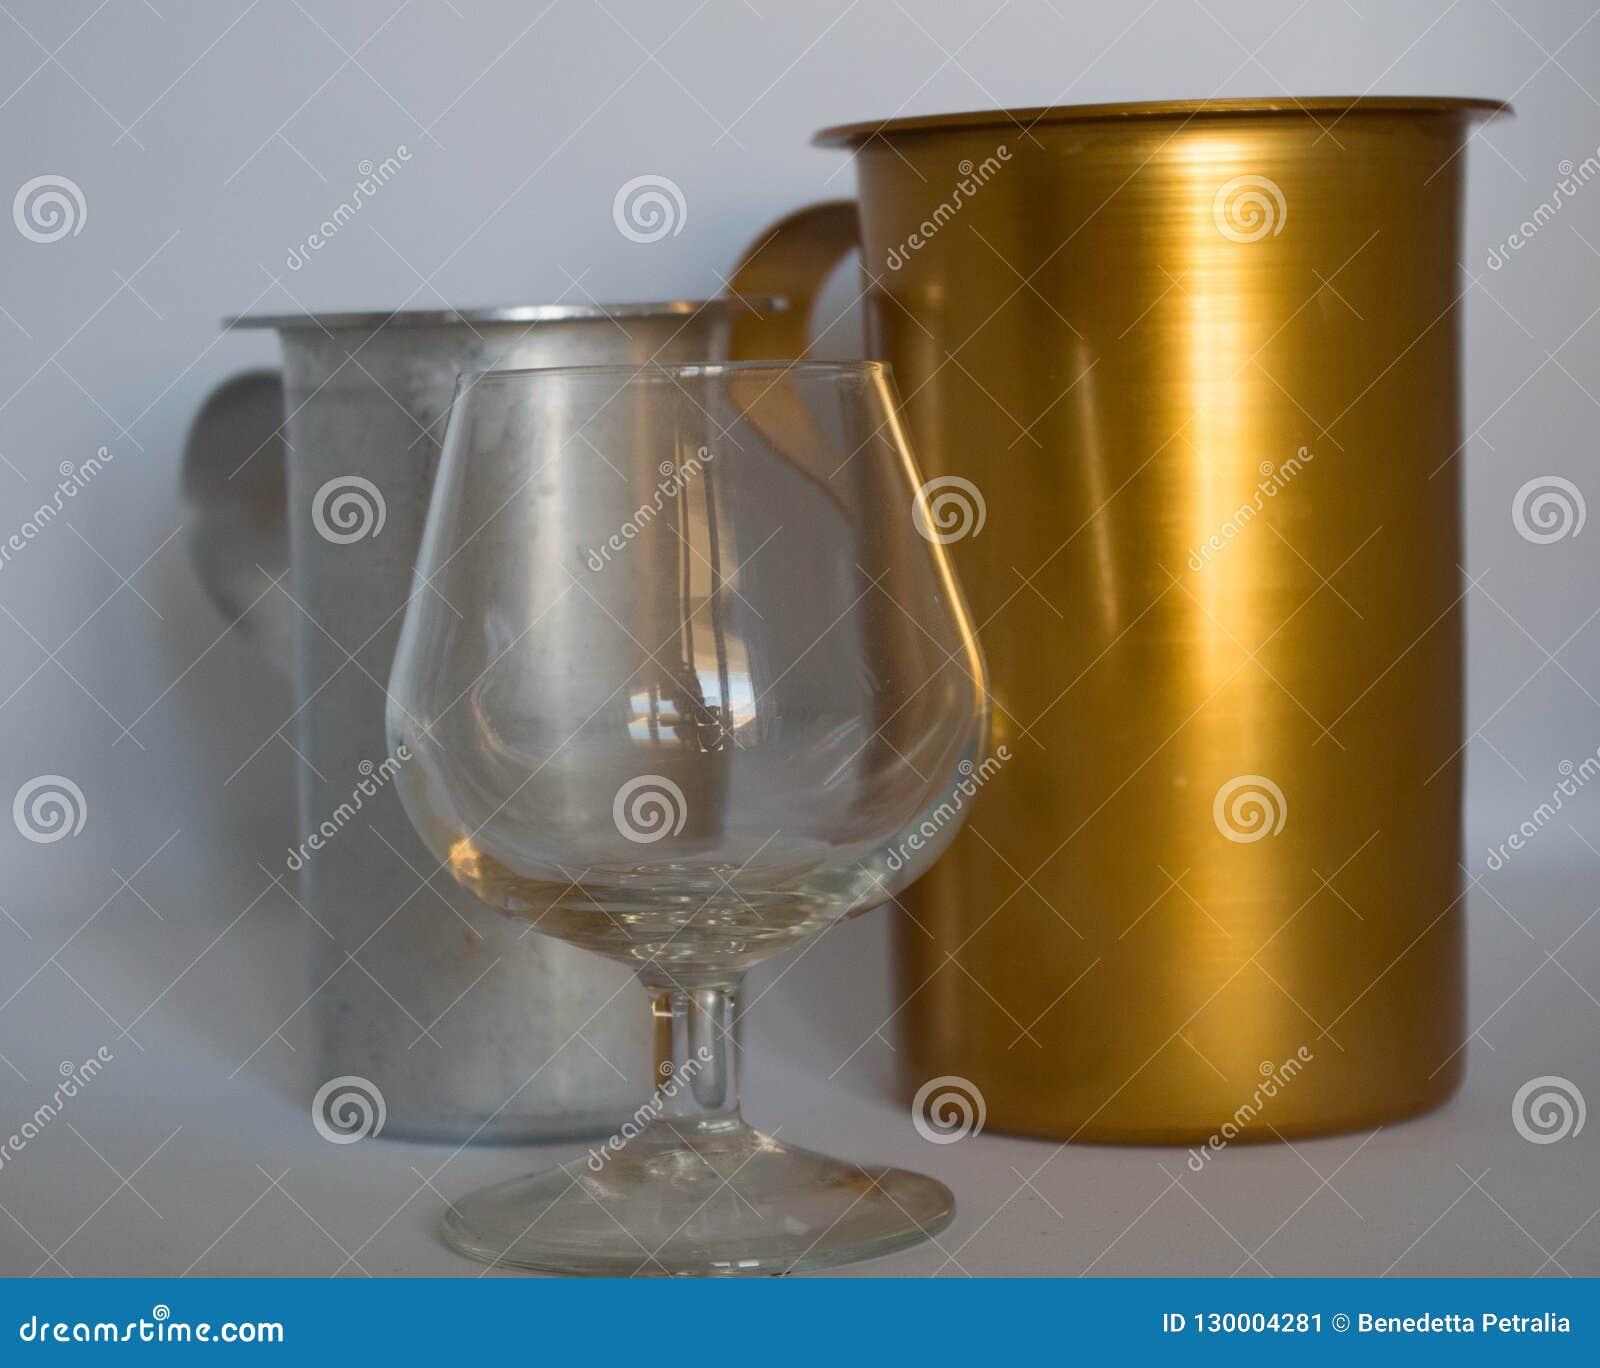 Złoty i srebrzysty miotacz z koniaka szkłem pustym na białym tle